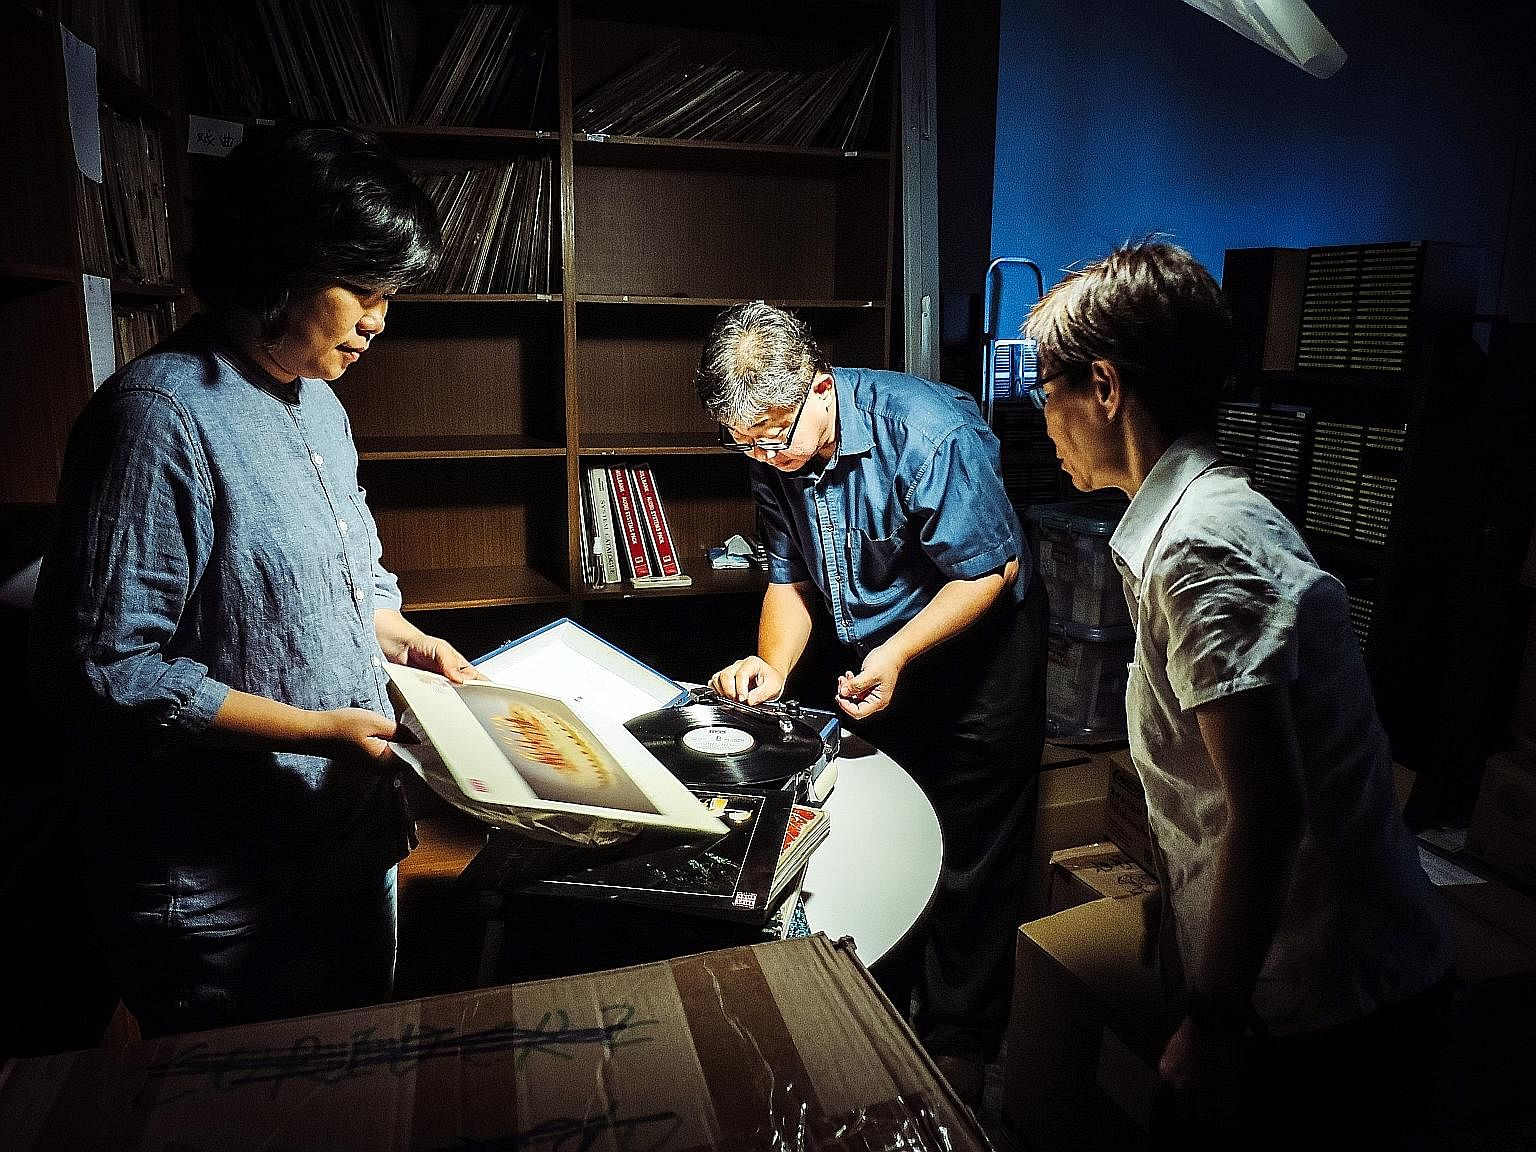 Joe Ng (right) as the shy noodle vendor in Mee Pok Man (1995). Benicio Del Toro (left) stars in Sicario.